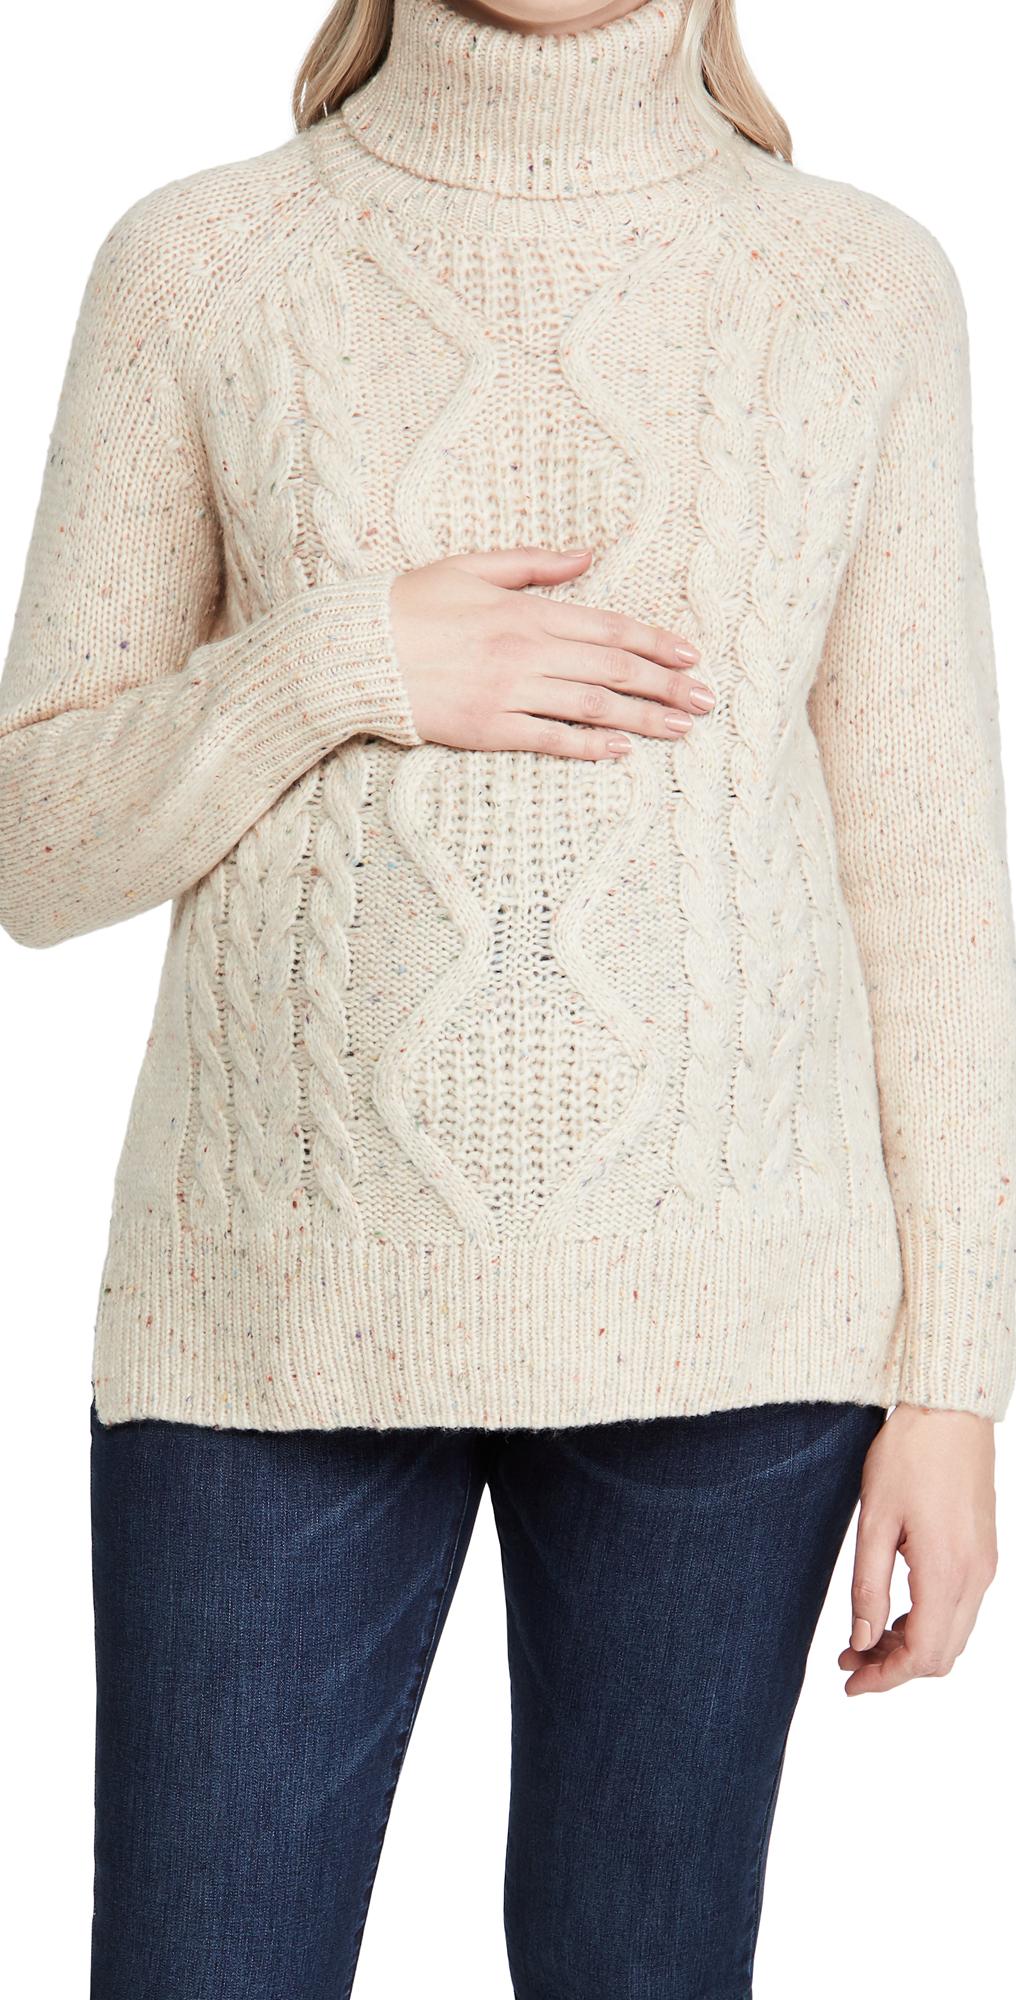 HATCH The Brigitte Sweater